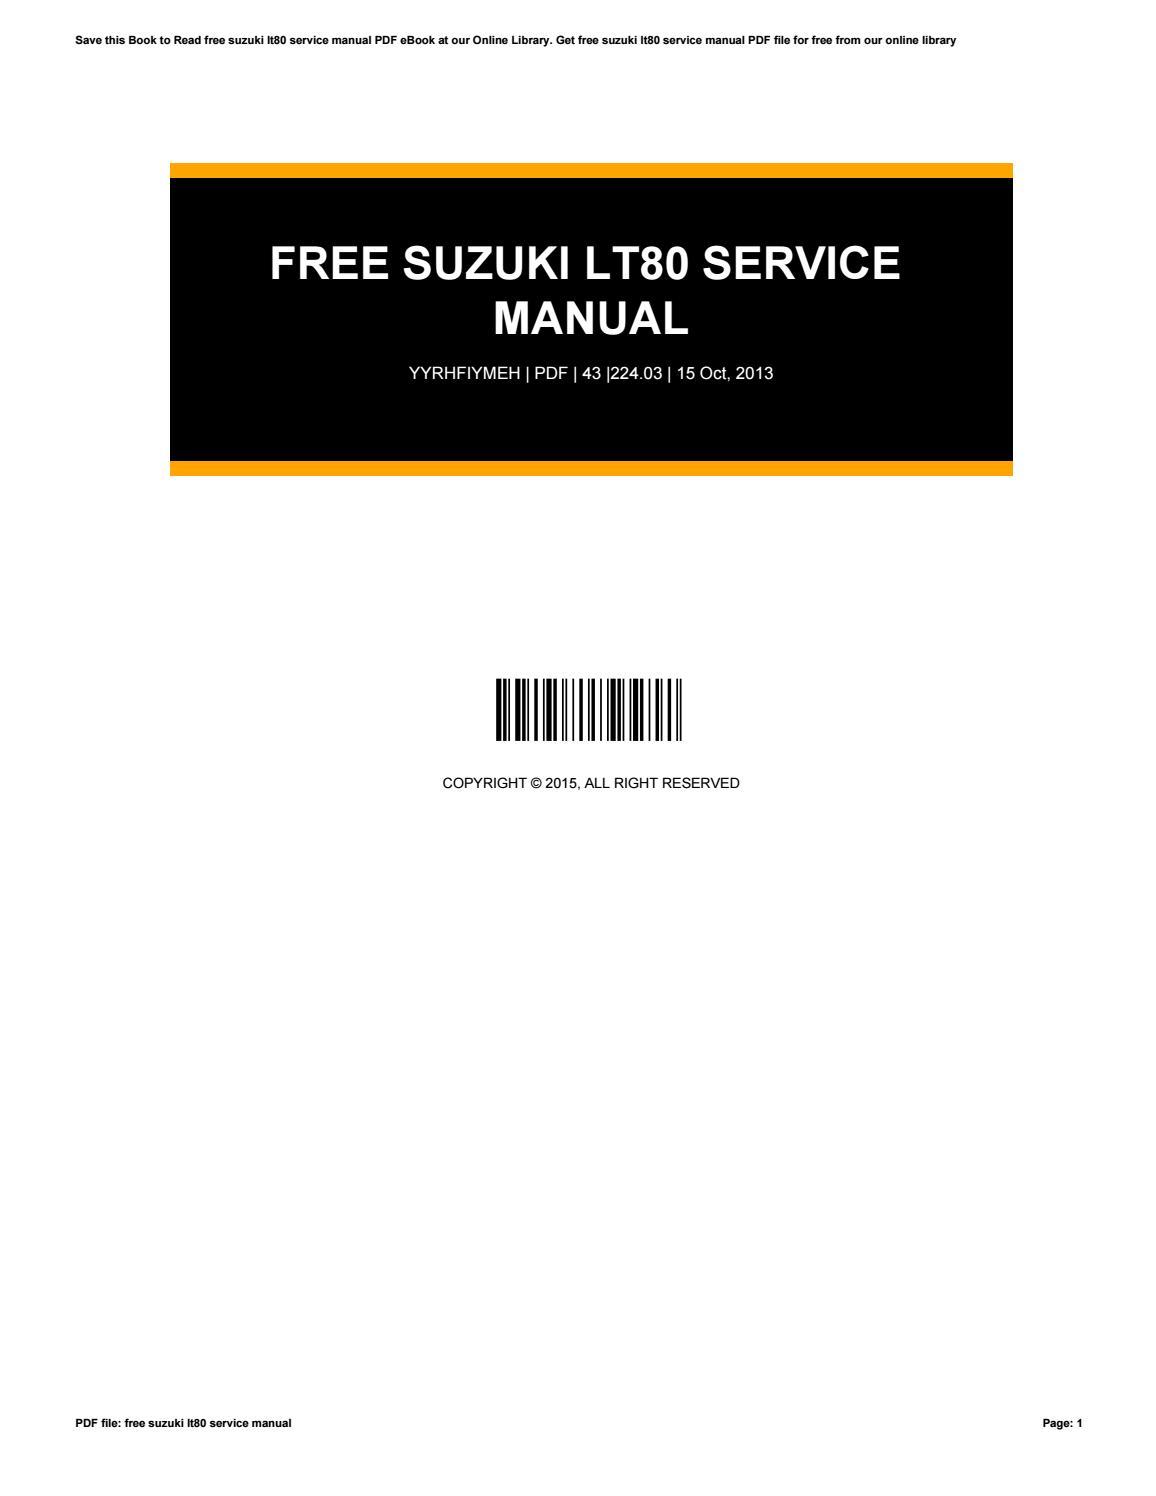 Free Lt80 Manual